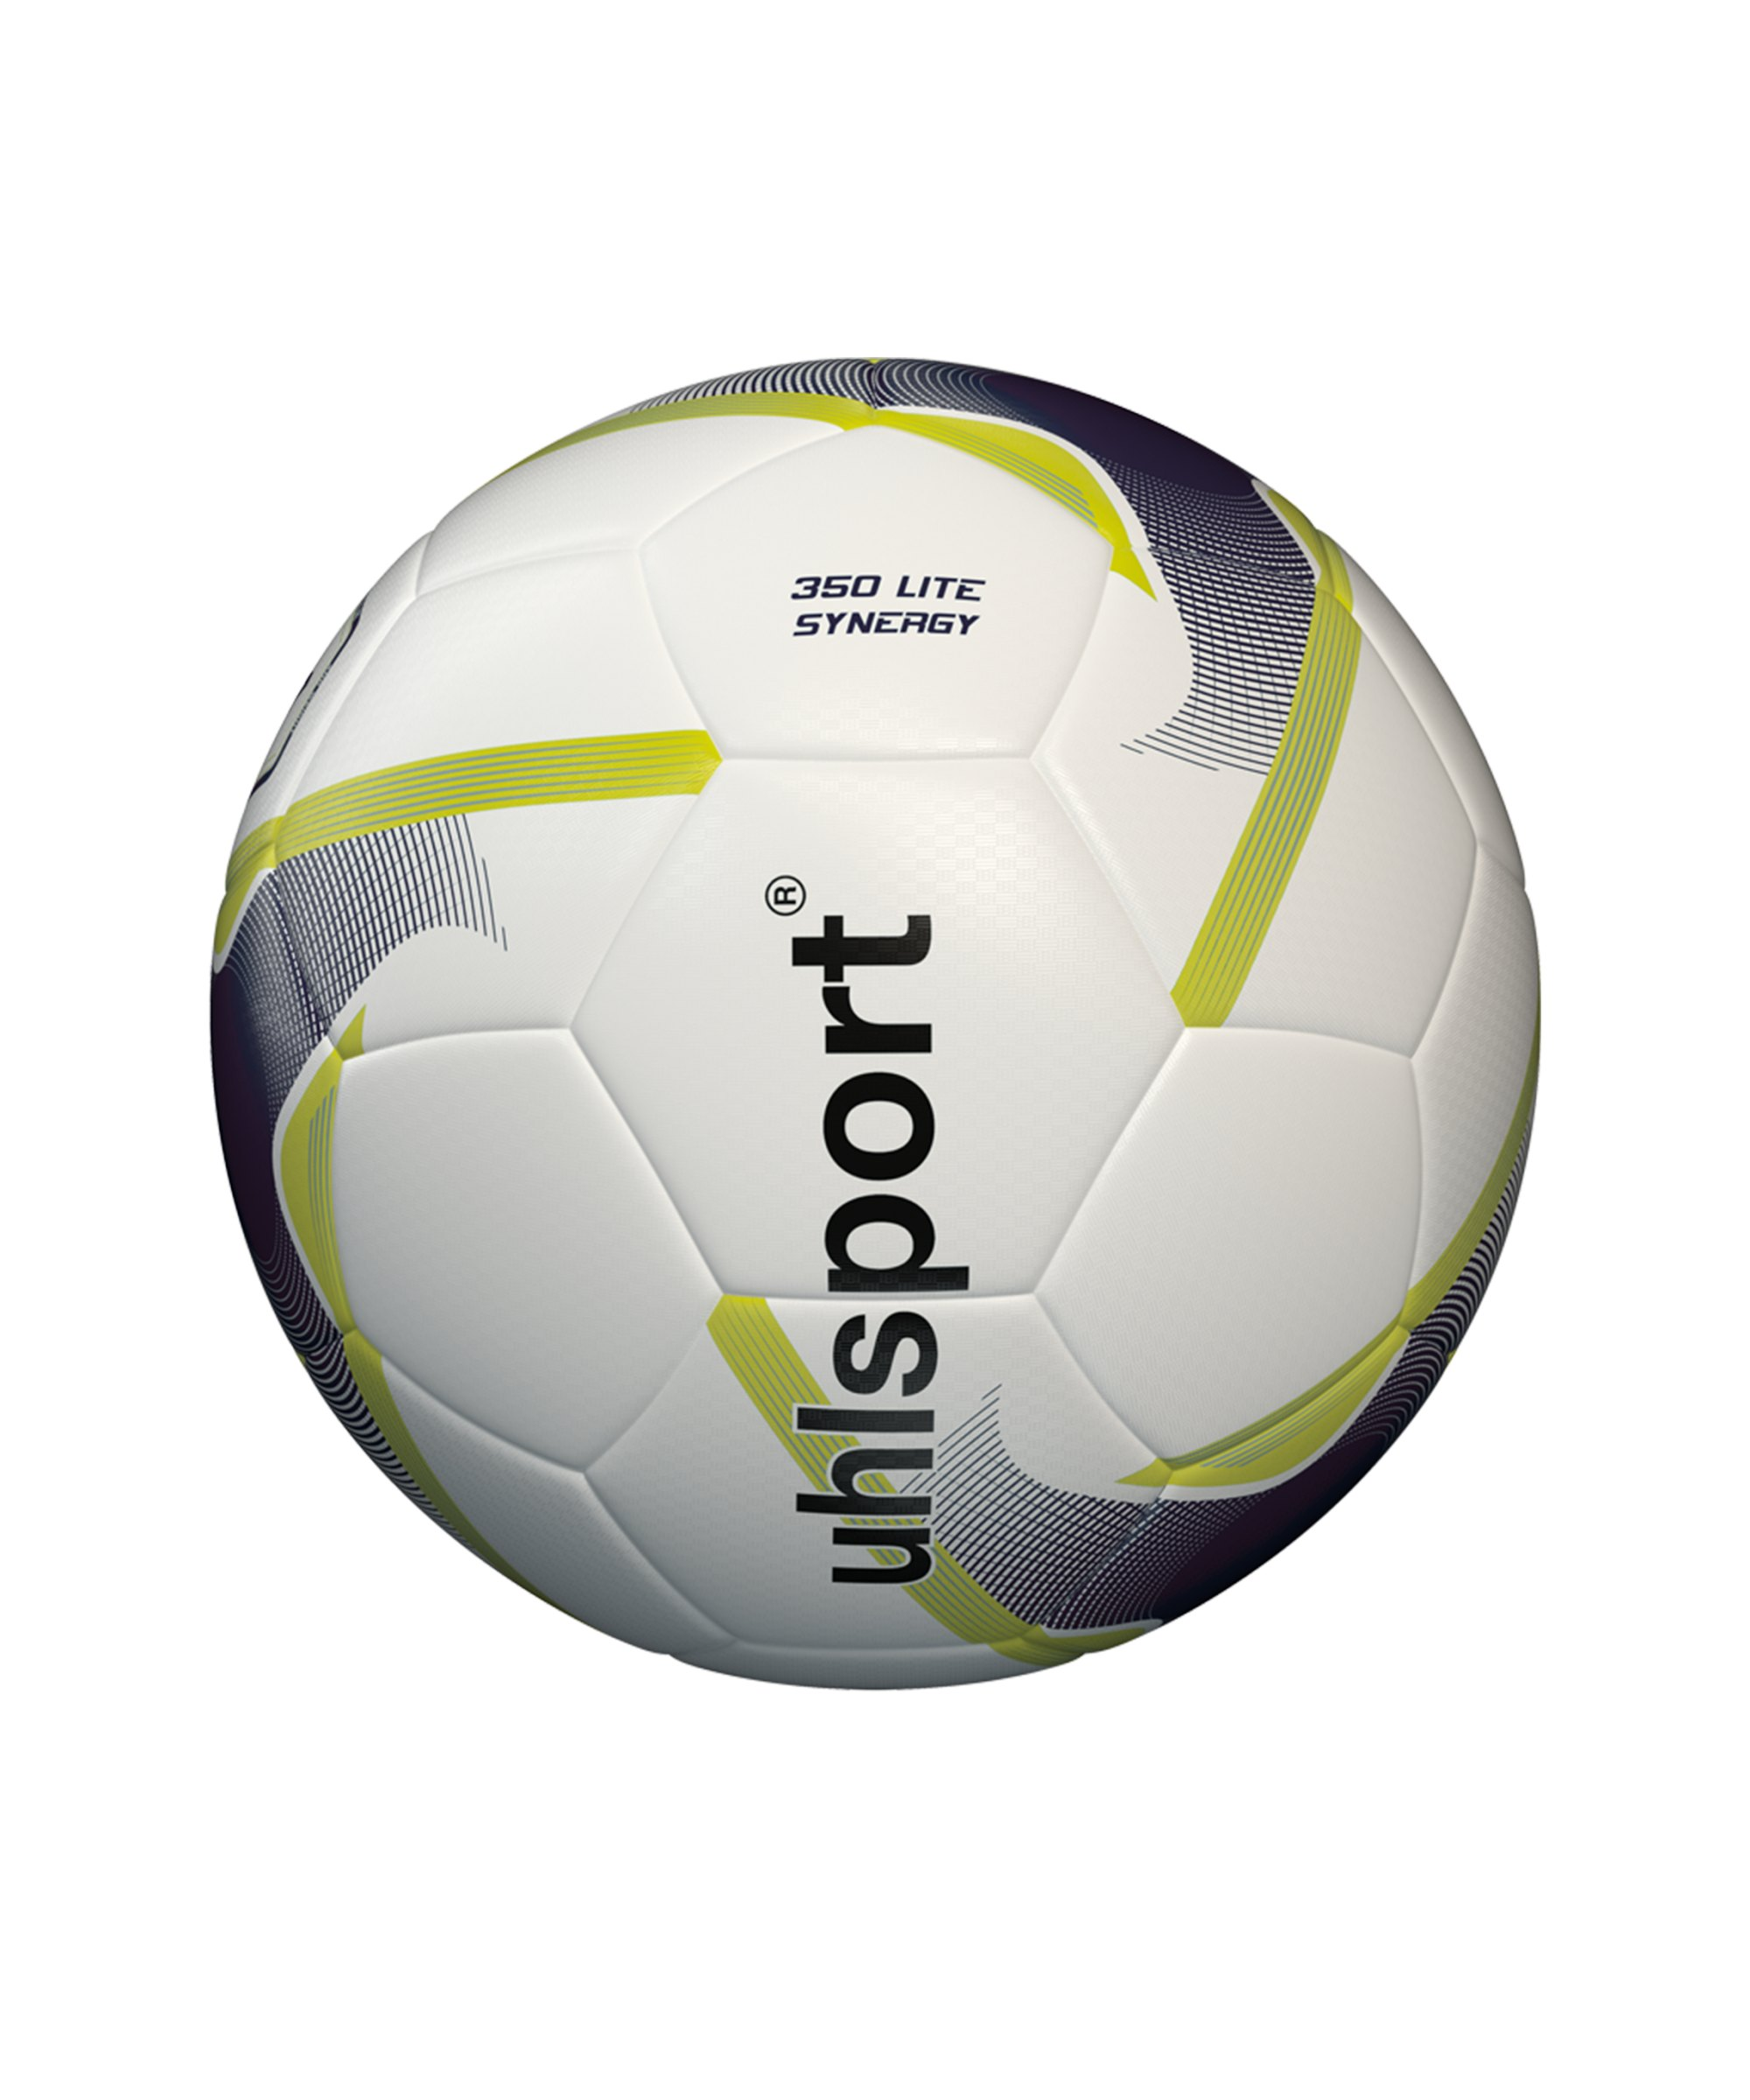 Uhlsport 350 Lite Synergy Lightball Weiss F01 - weiss